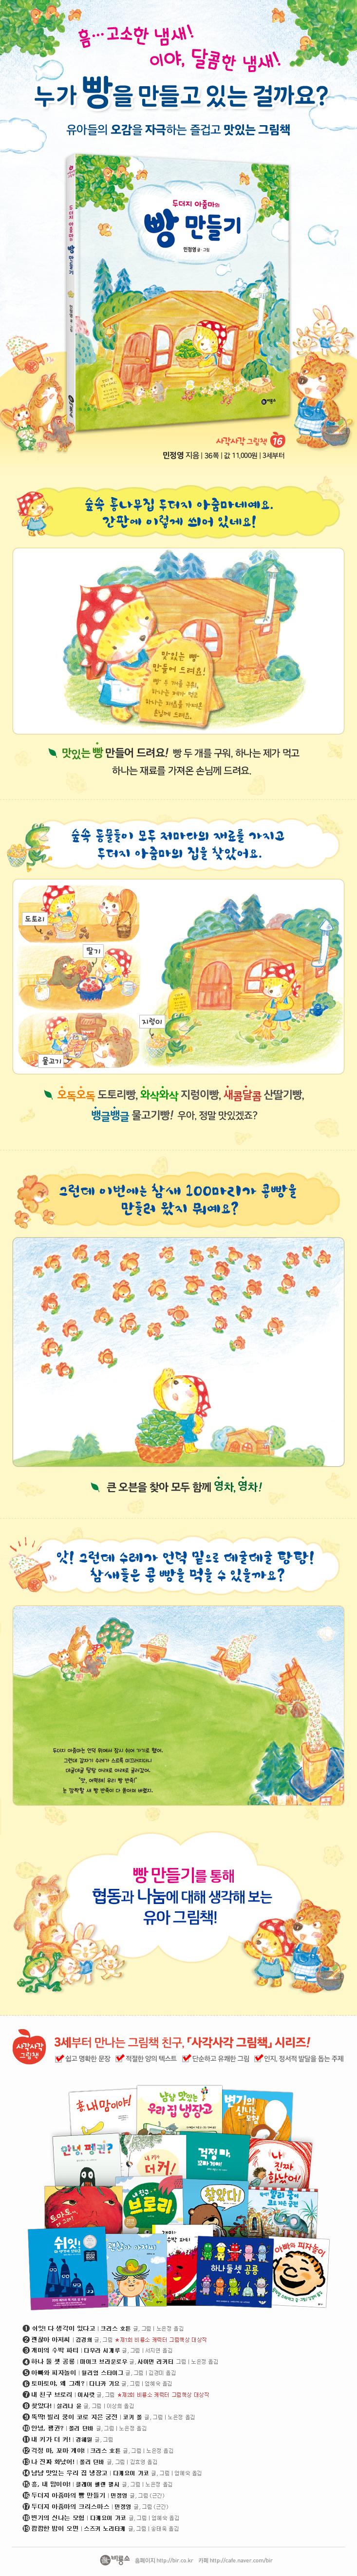 두더지아줌마의빵만들기_수정2 (1)